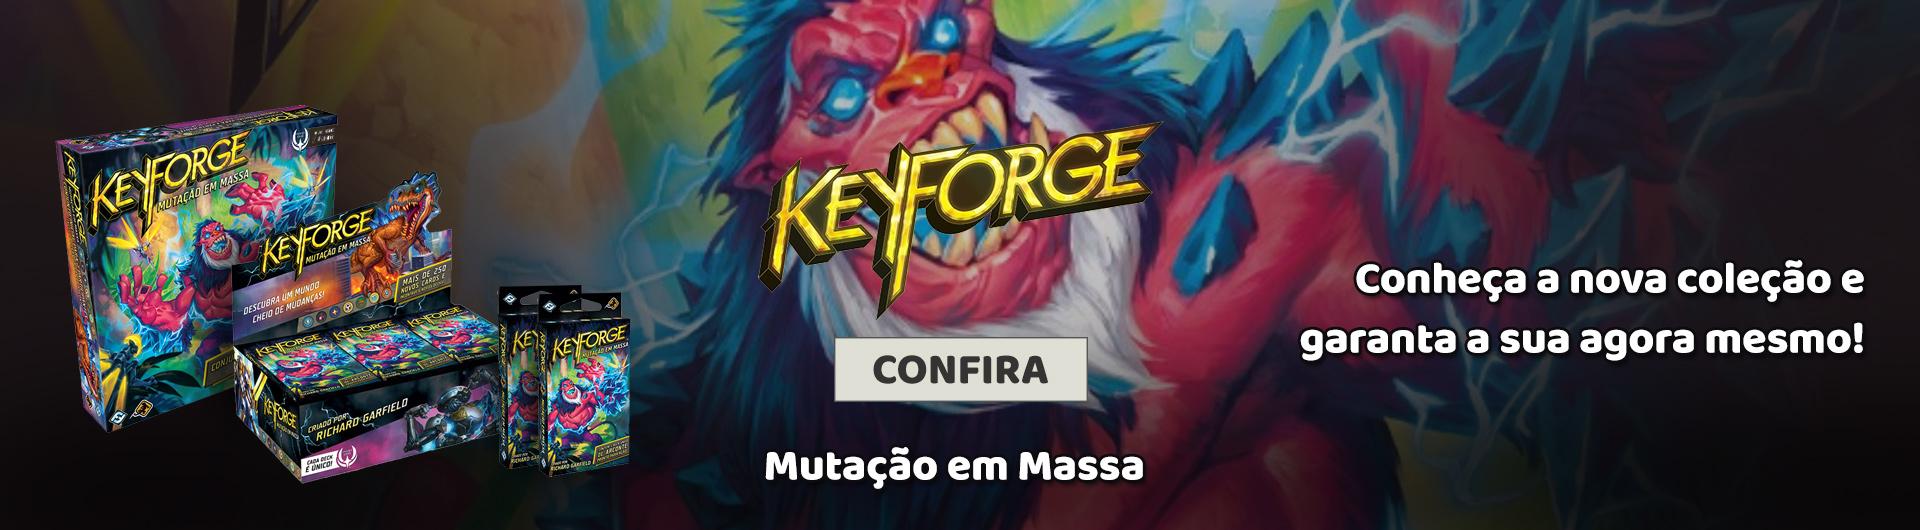 Keyforge Mutação em Massa